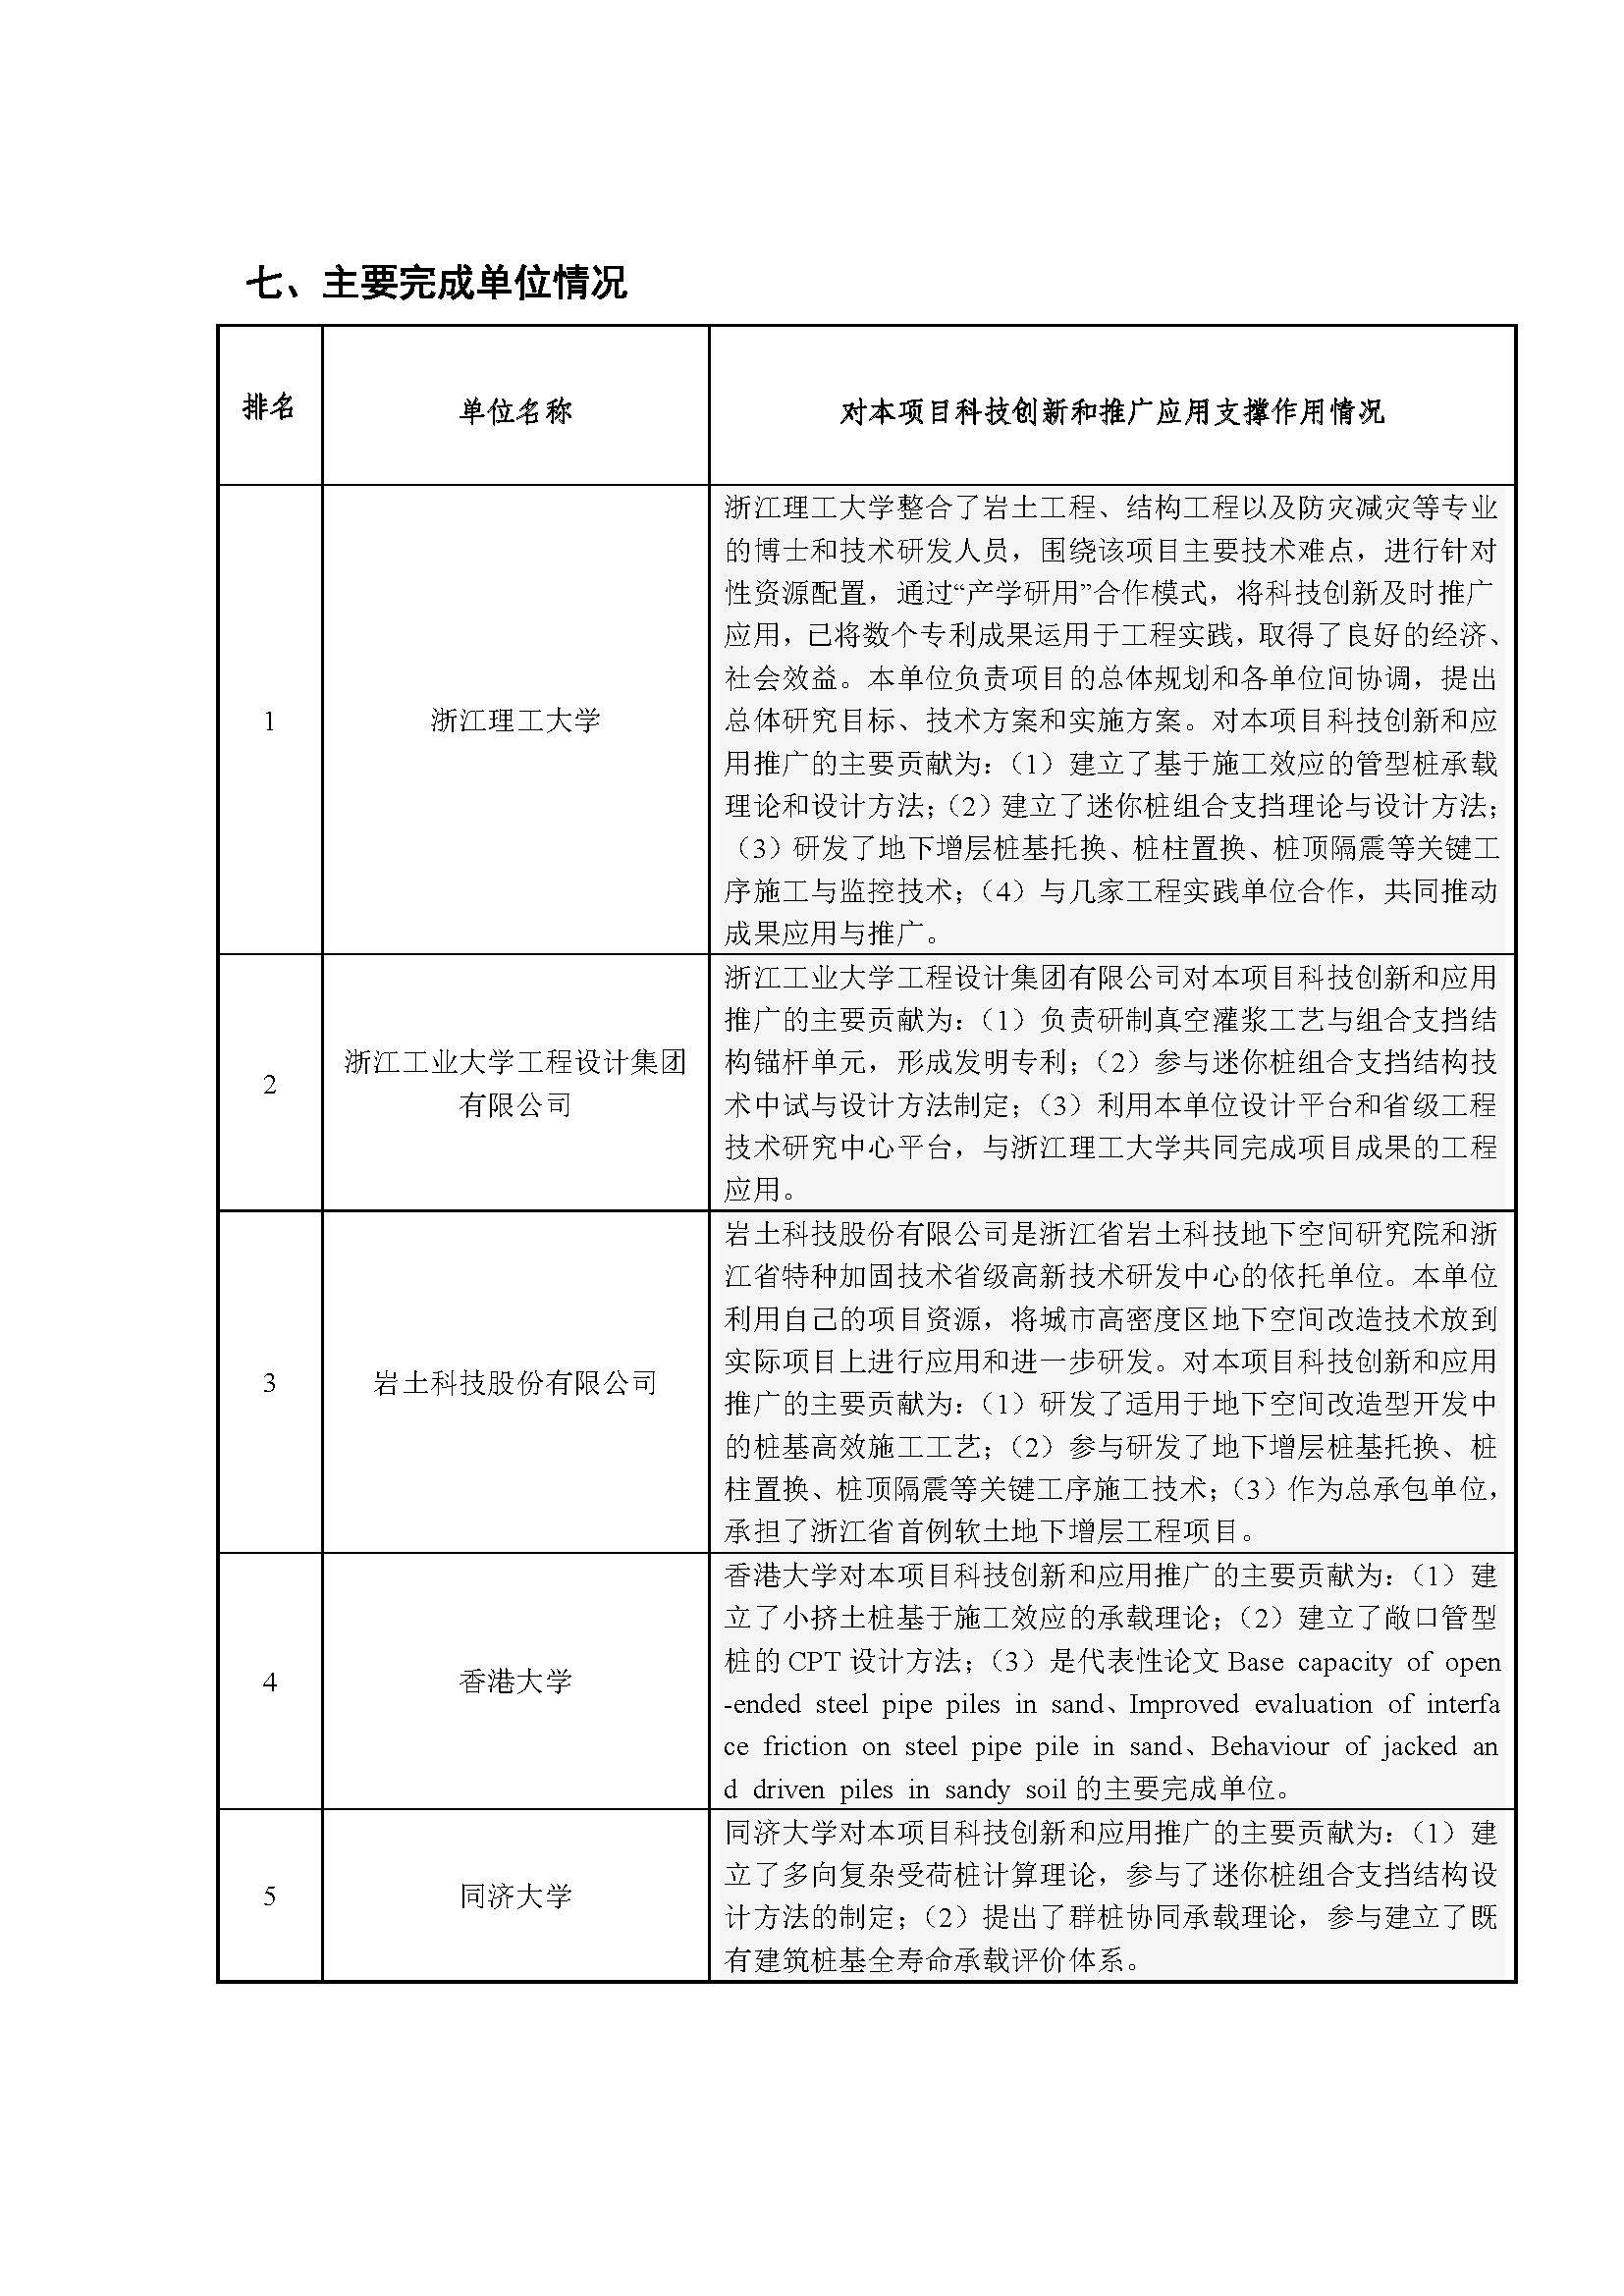 页面提取自-浙江省科技进步奖推荐公示.jpg